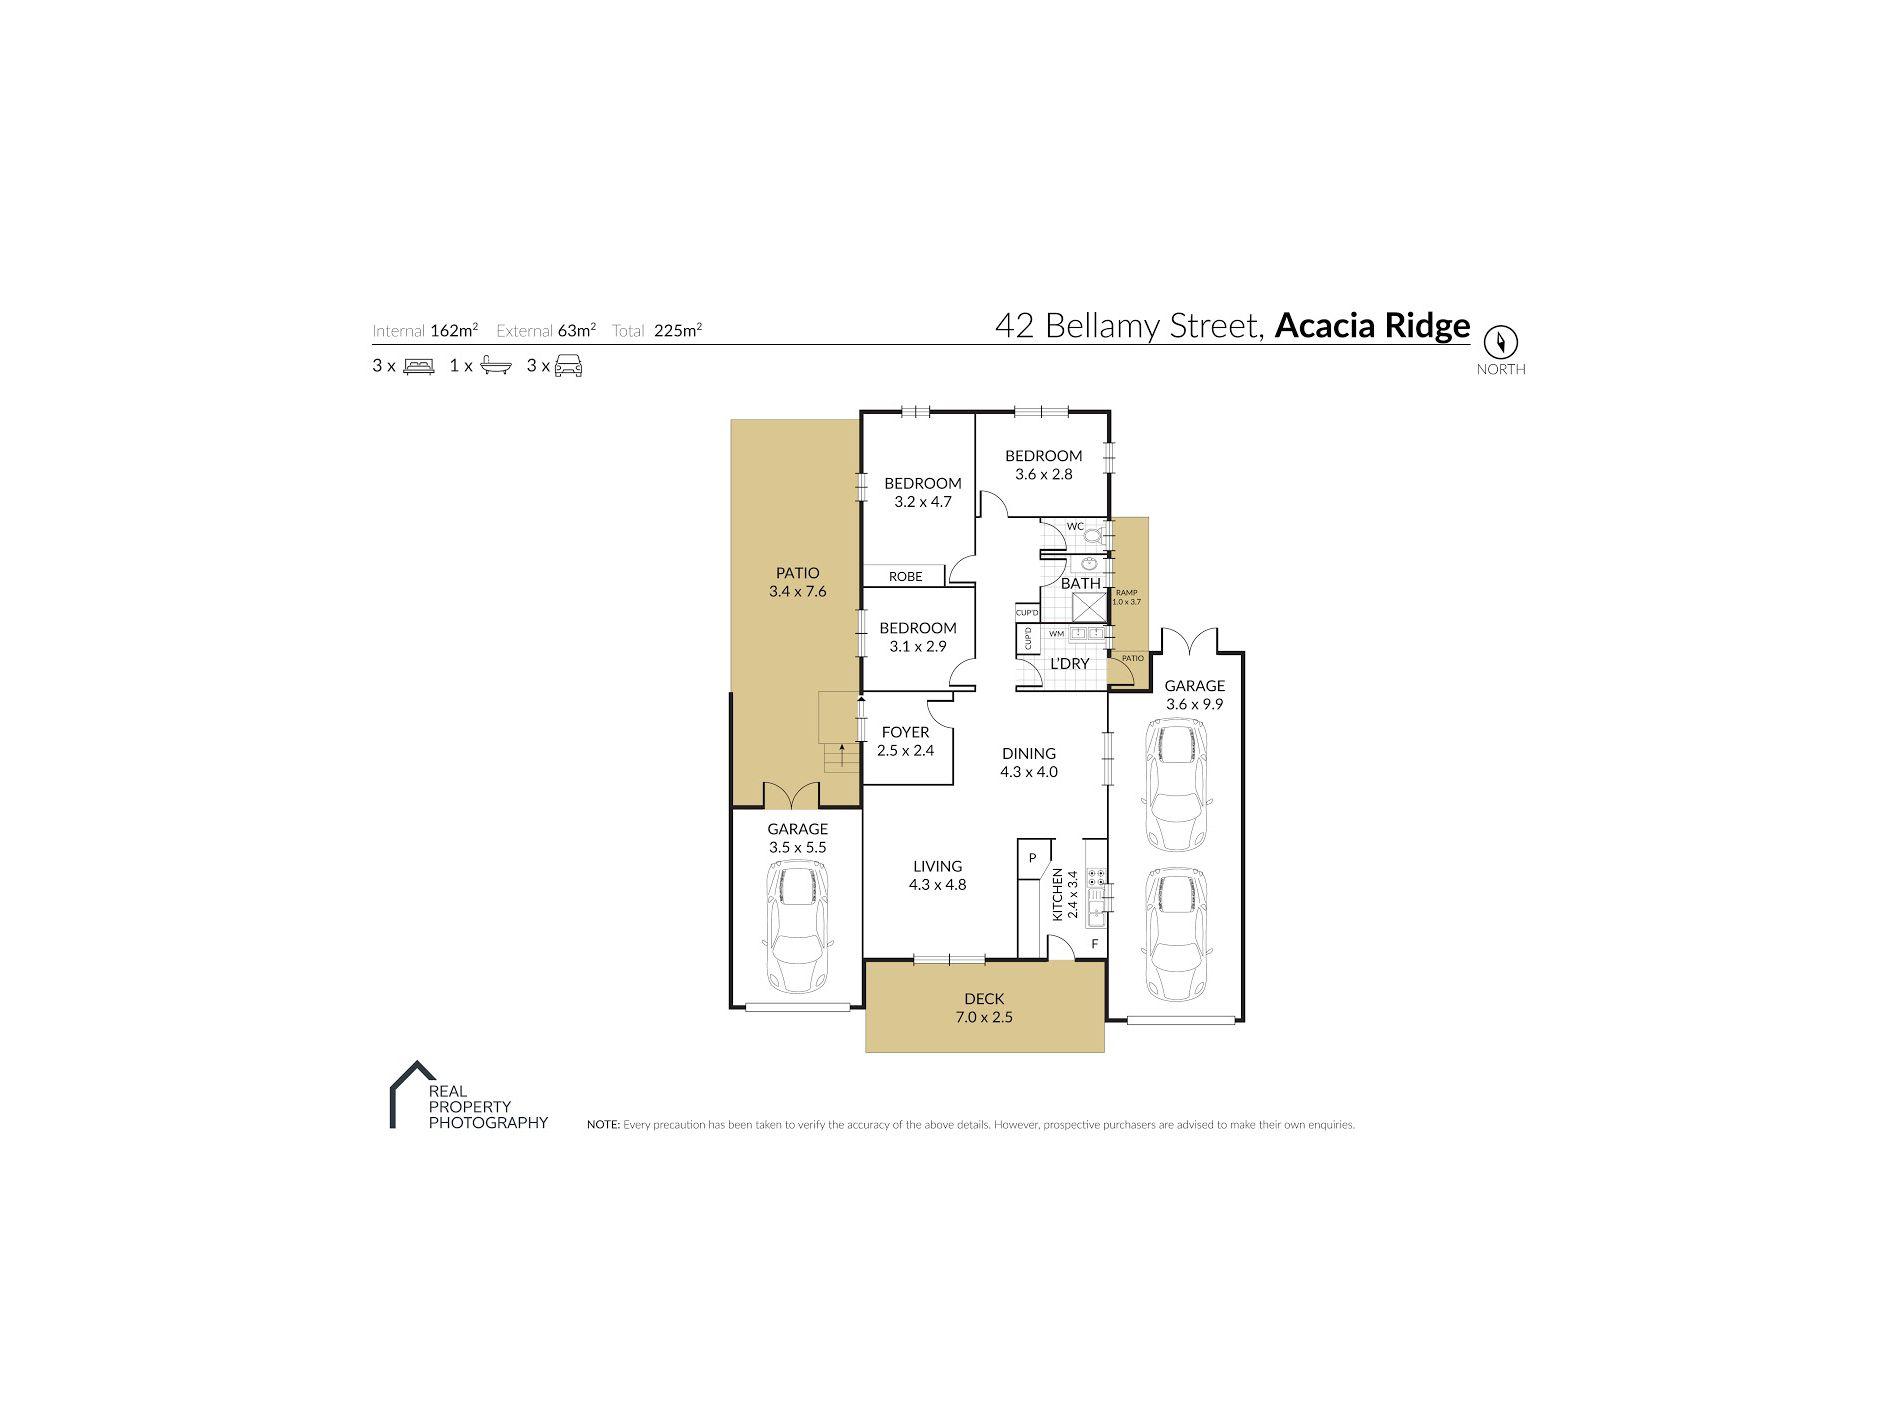 42 Bellamy Street, Acacia Ridge